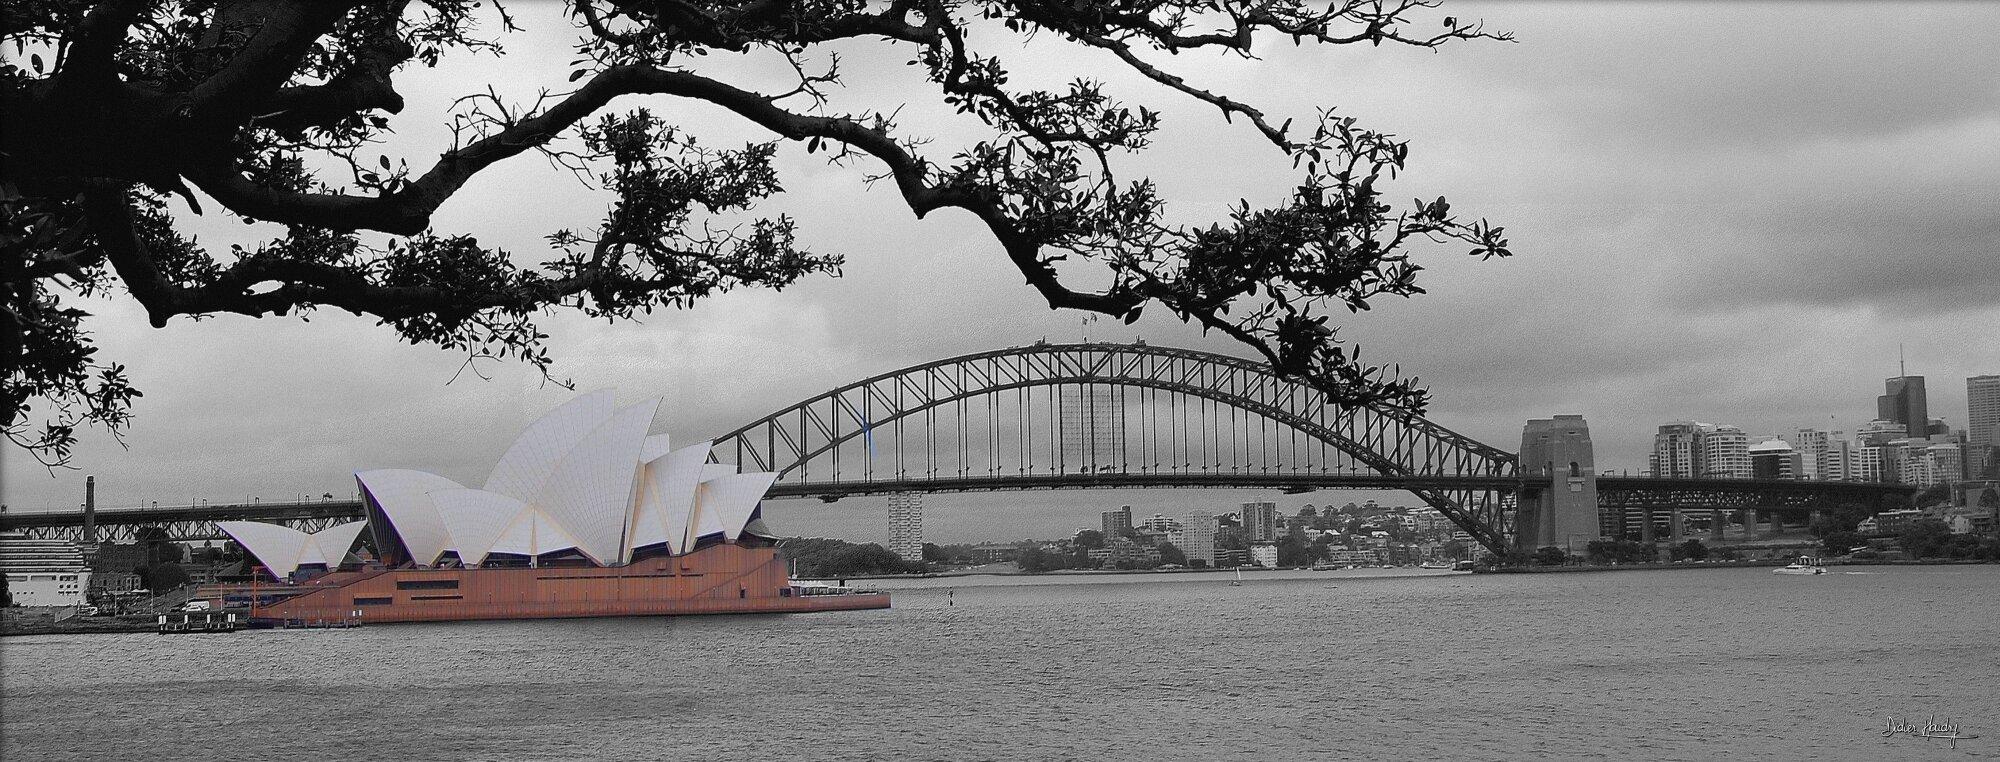 L'Opéra et la baie de Sydney